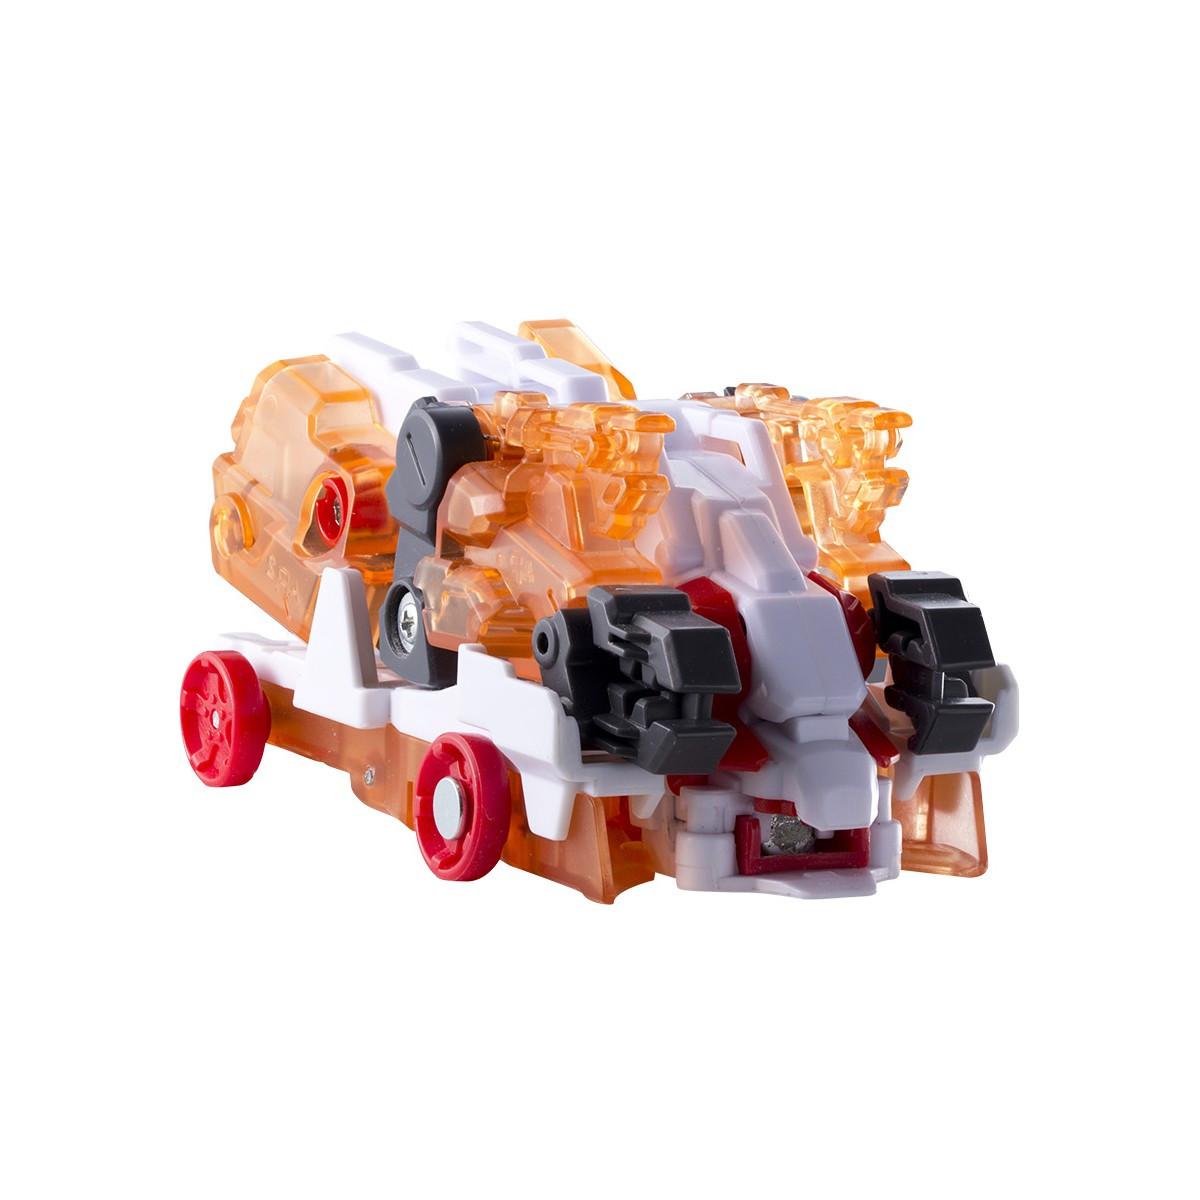 Машинка-трансформер Screechers Wild Storm Horn (Дикі Скричеры Штормхорн) червона L3 (EU683141)